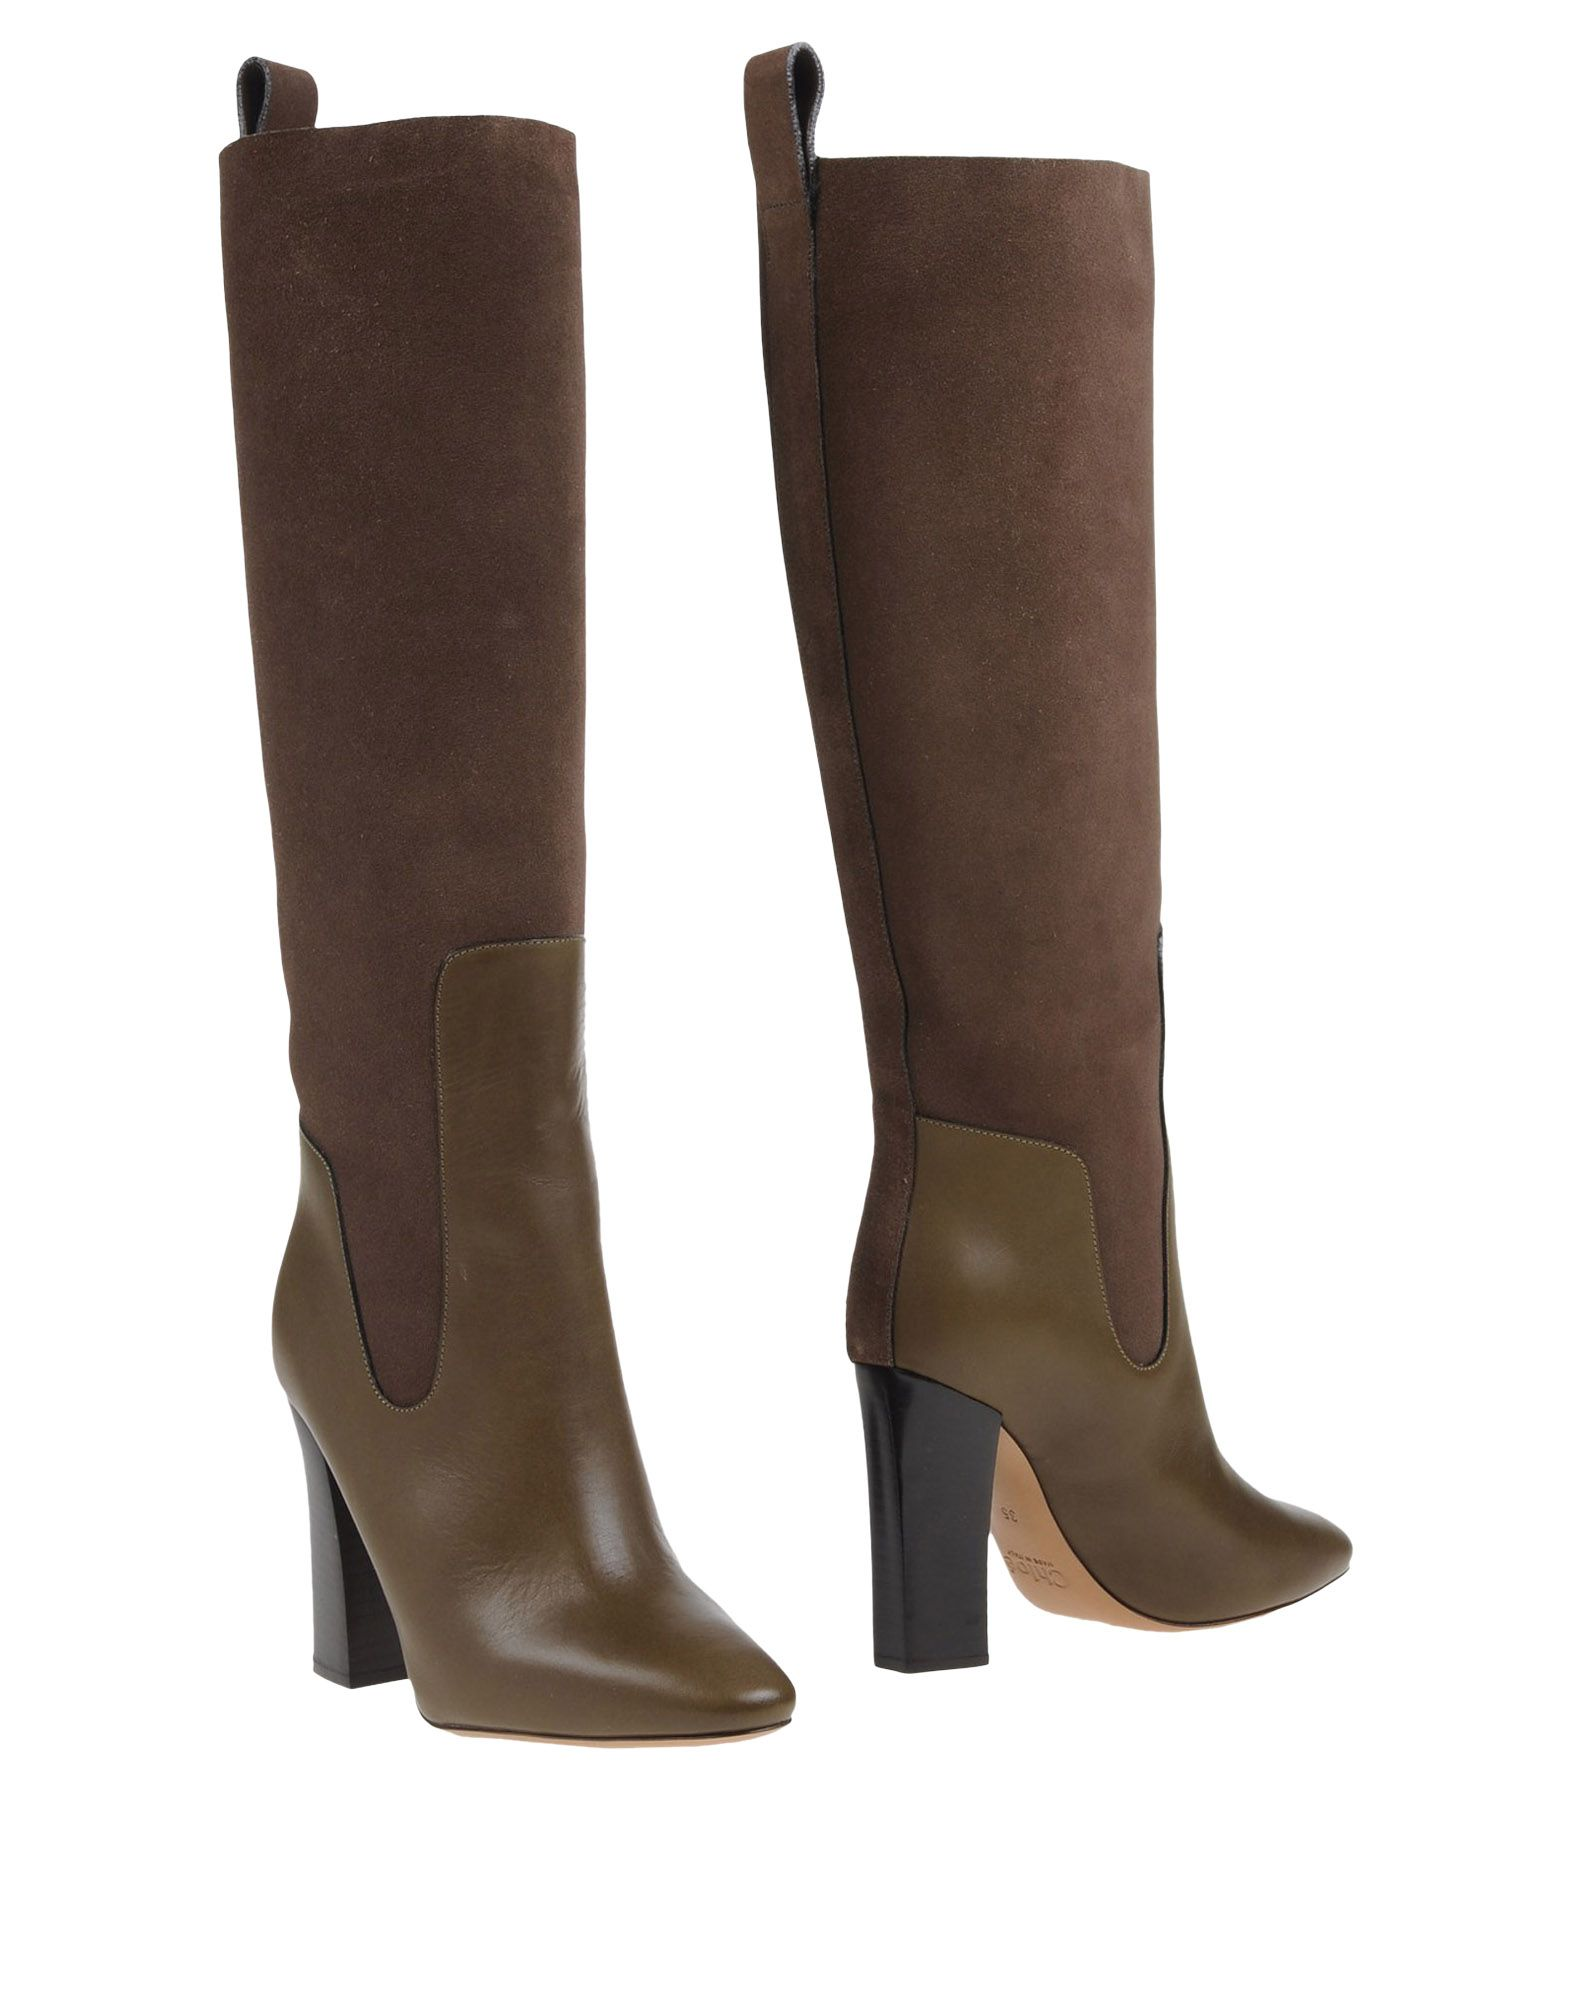 Chloé Stiefel Damen gut  11070487IMGünstige gut Damen aussehende Schuhe 25508b